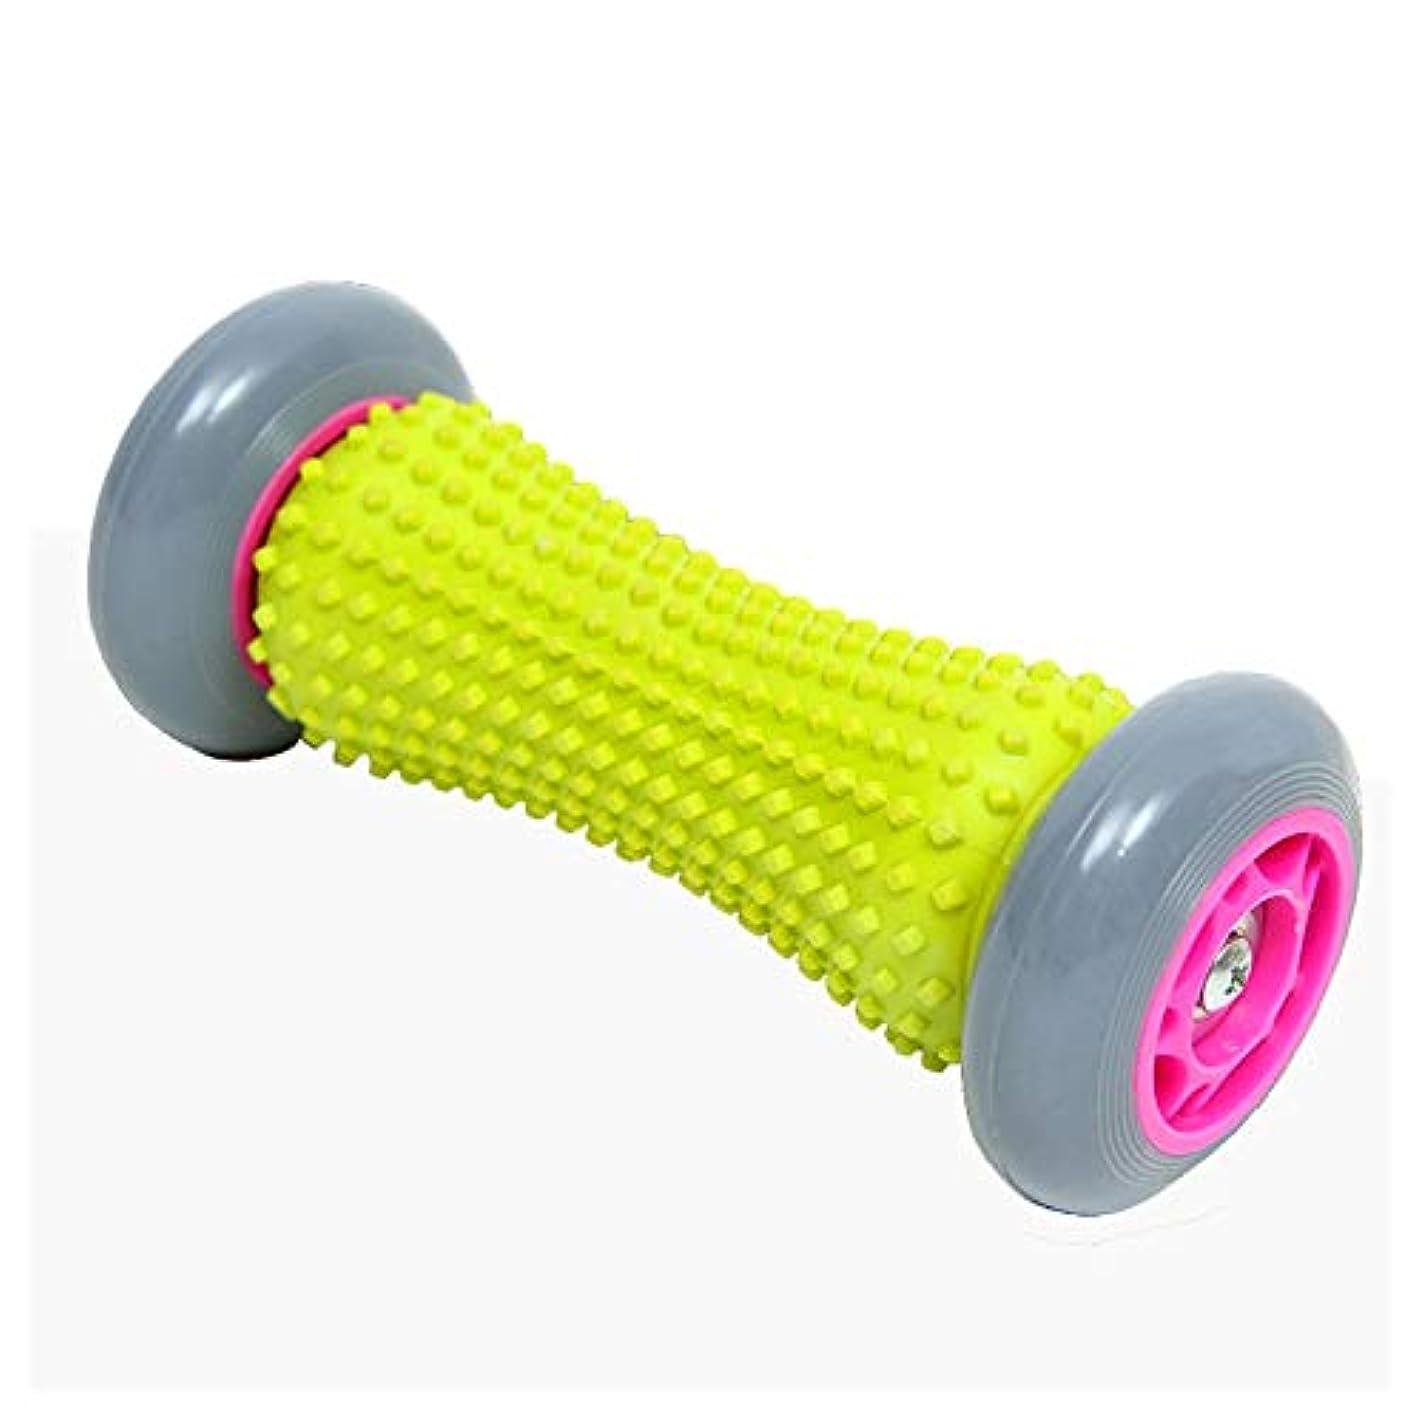 ワーム貸す件名足底筋膜炎のリフレクソロジーのためのフットローラーマッサージ背中の足の筋肉マッサージャー+ 2先端のとがったボール